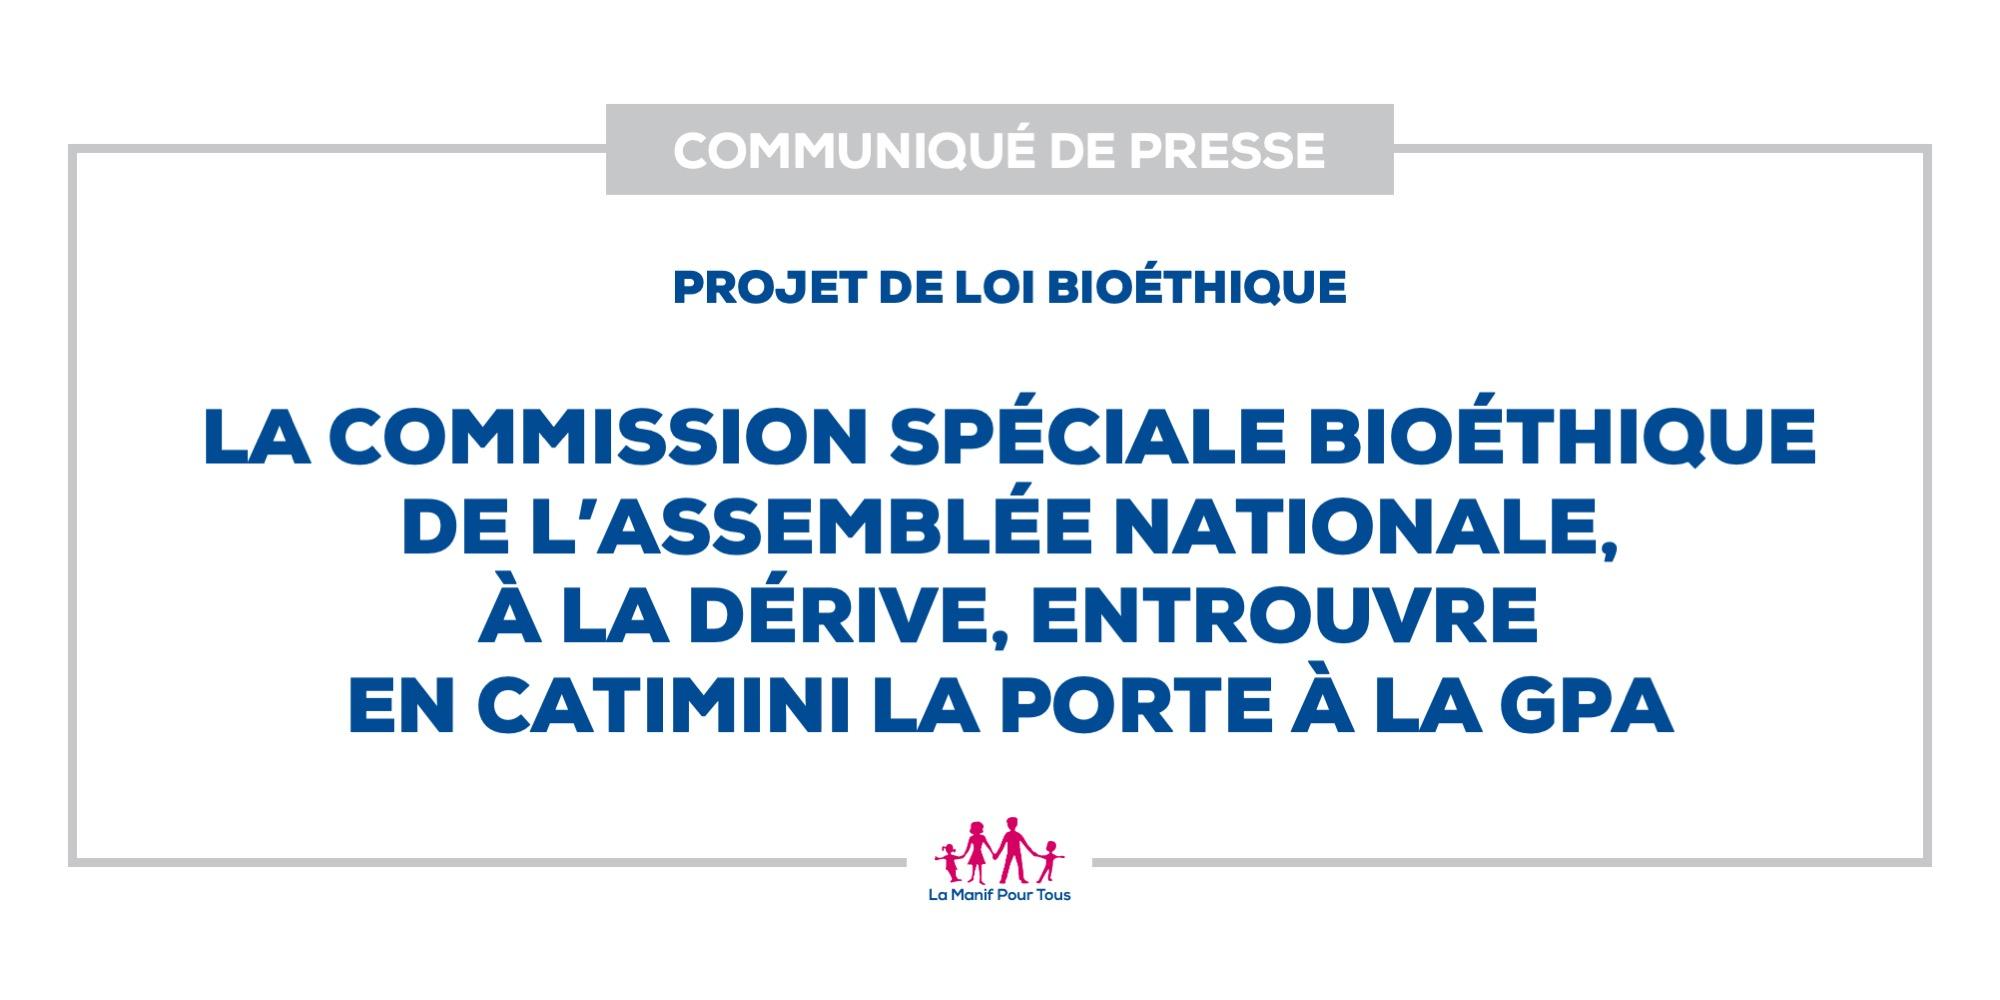 Image - La Commission spéciale bioéthique de l'Assemblée nationale, à la dérive, entrouvre en catimini la porte à la GPA